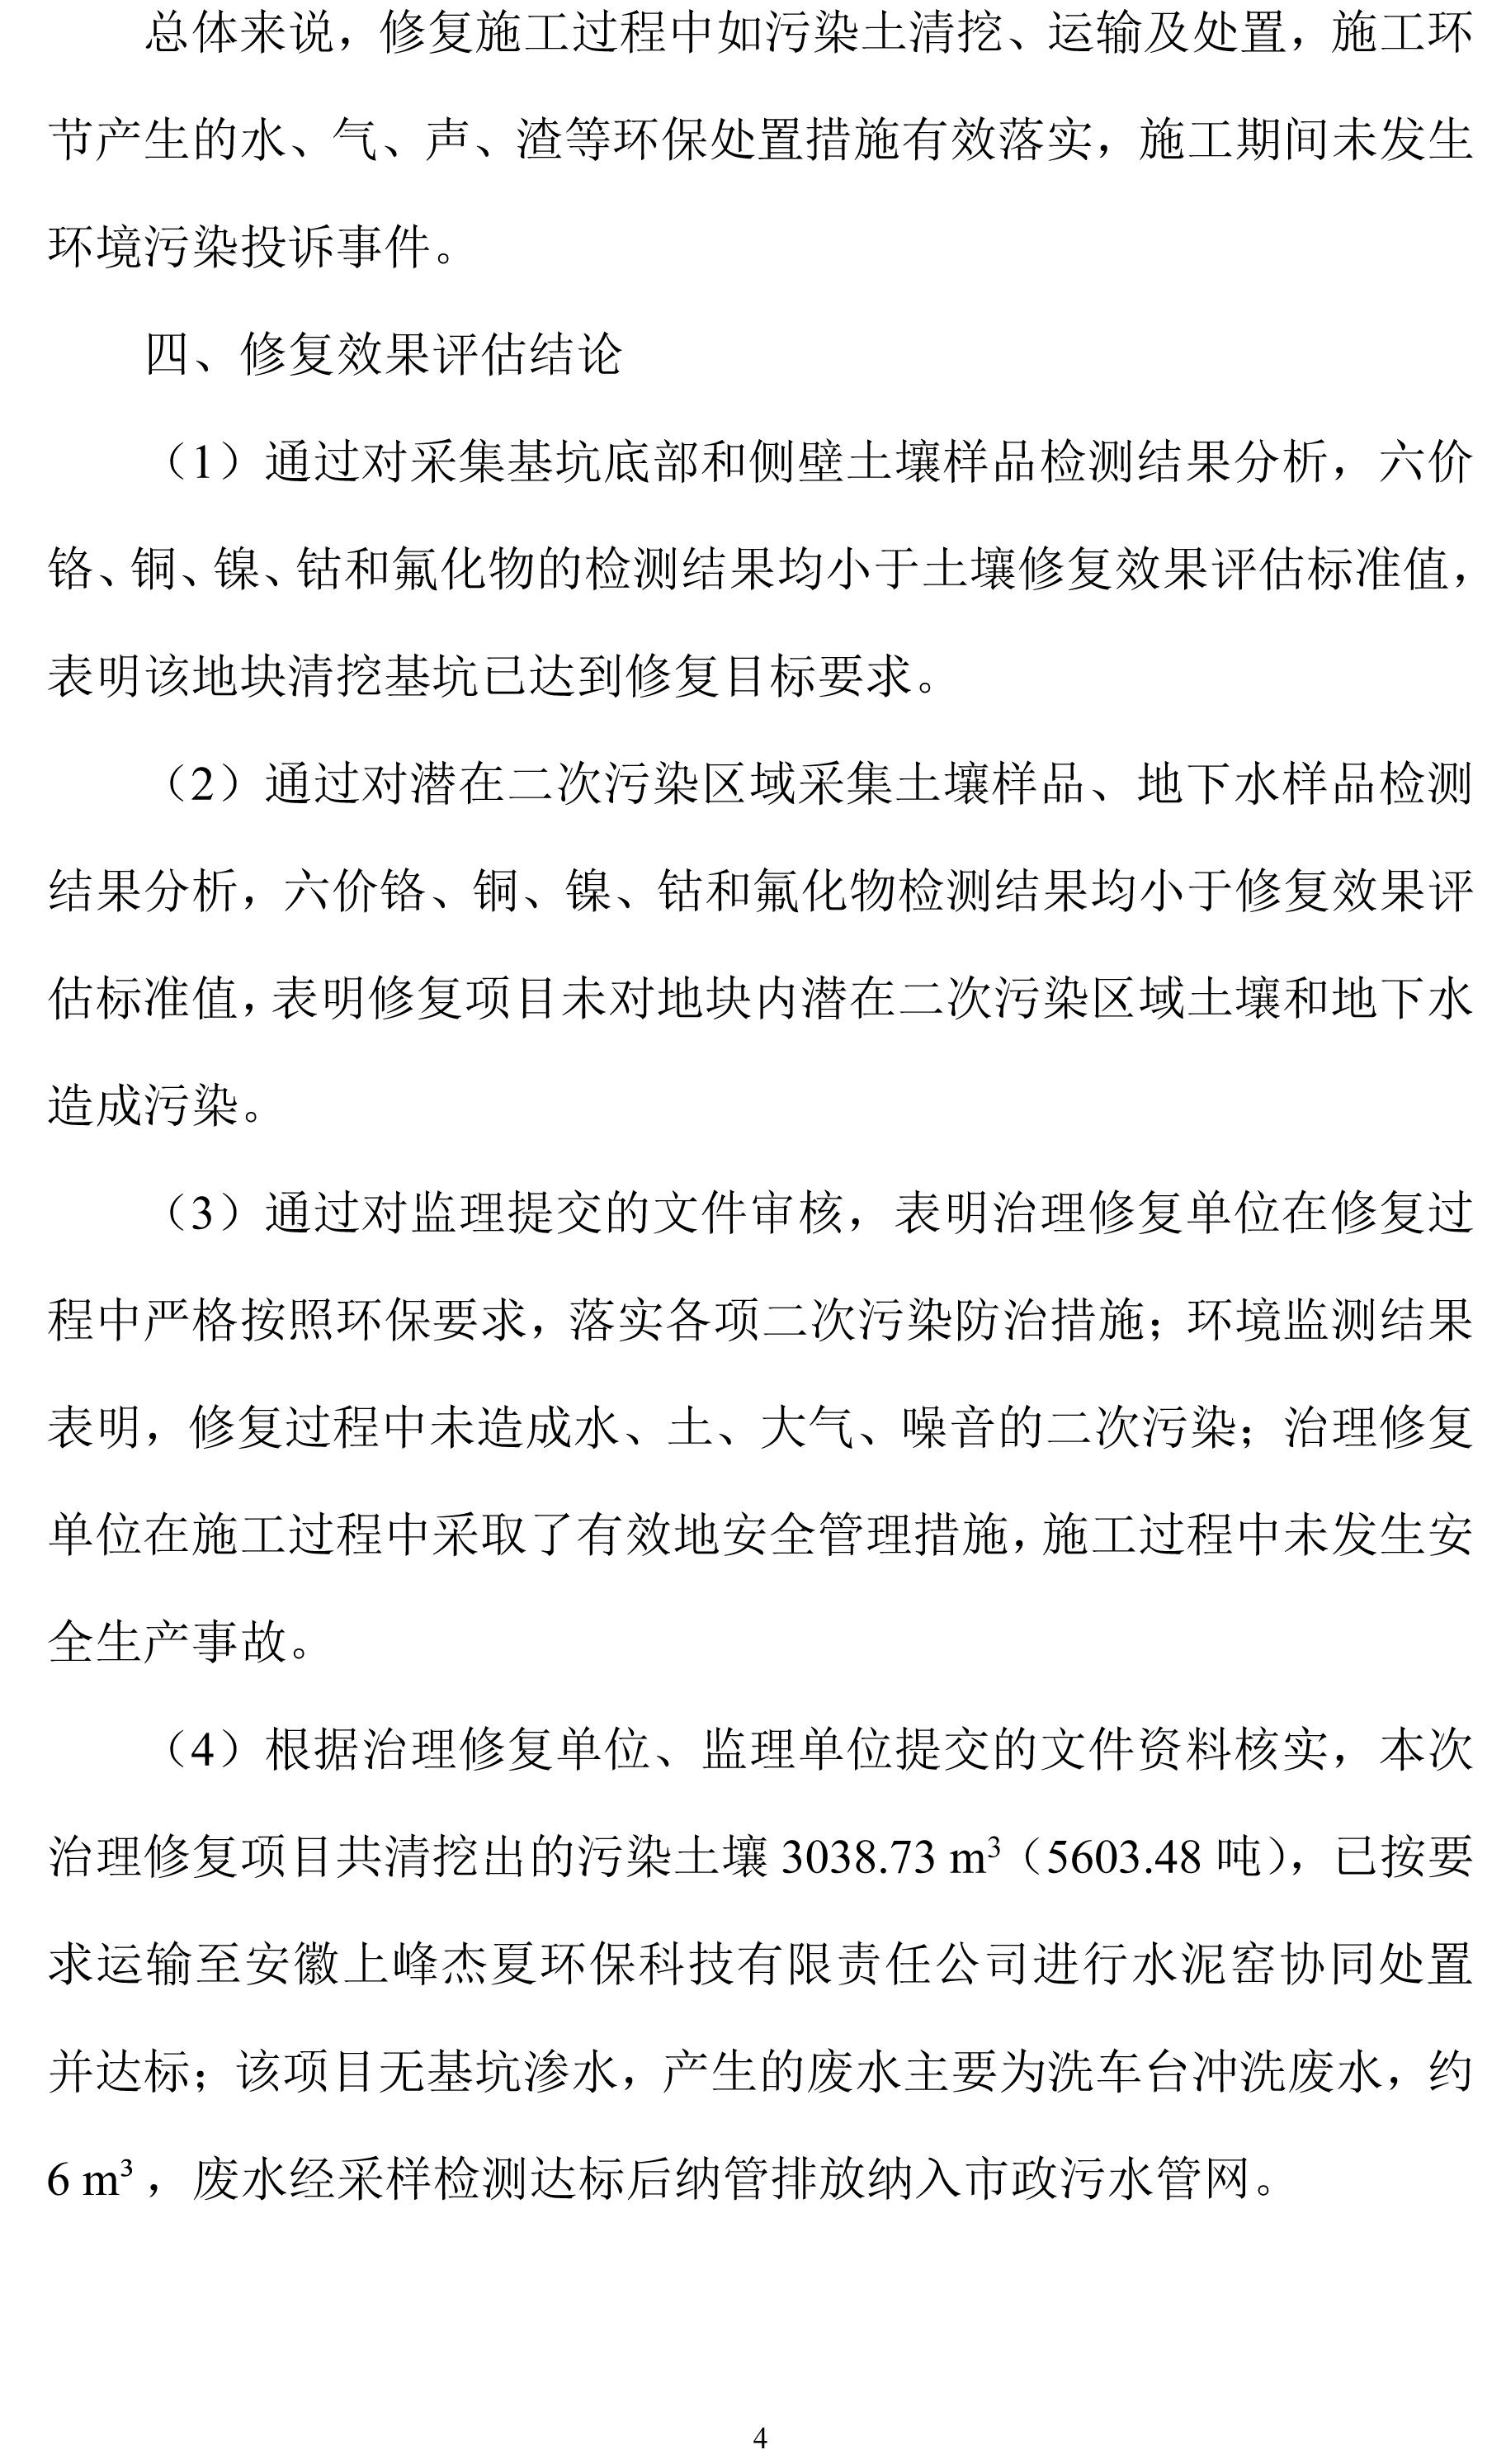 关于《合肥明光电镀厂新厂区地块新宝5下载app手机下载安装效果评估报告》的信息公开-4.jpg